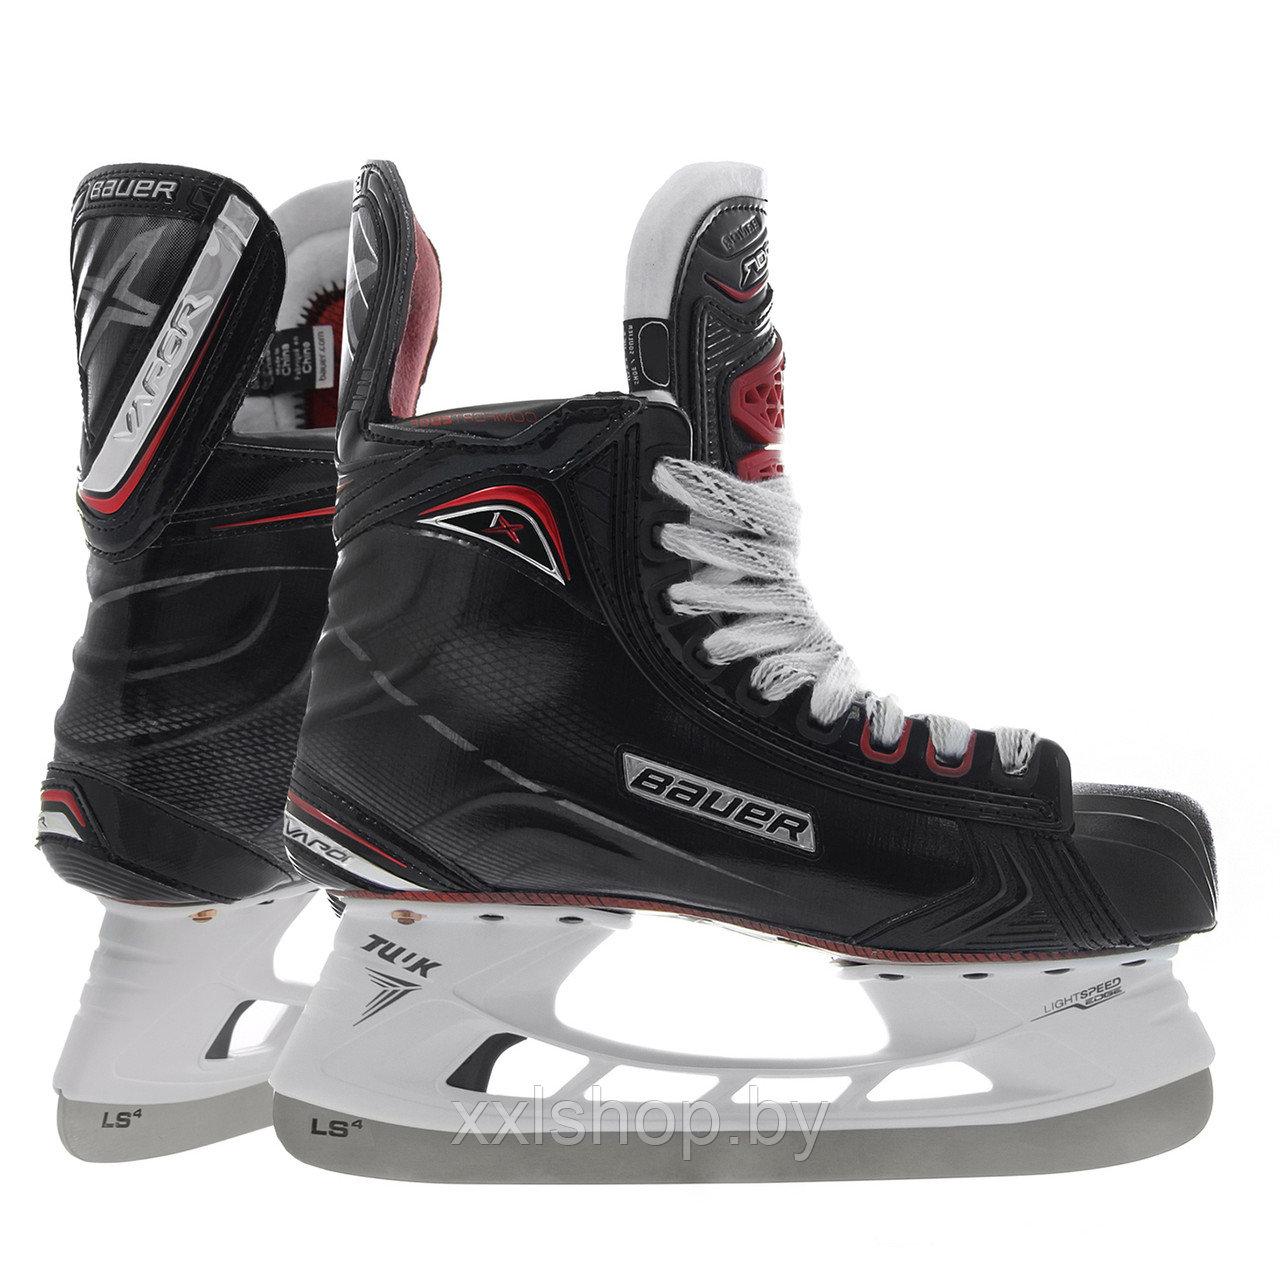 Большой выбор хоккейных коньков от известного бренда